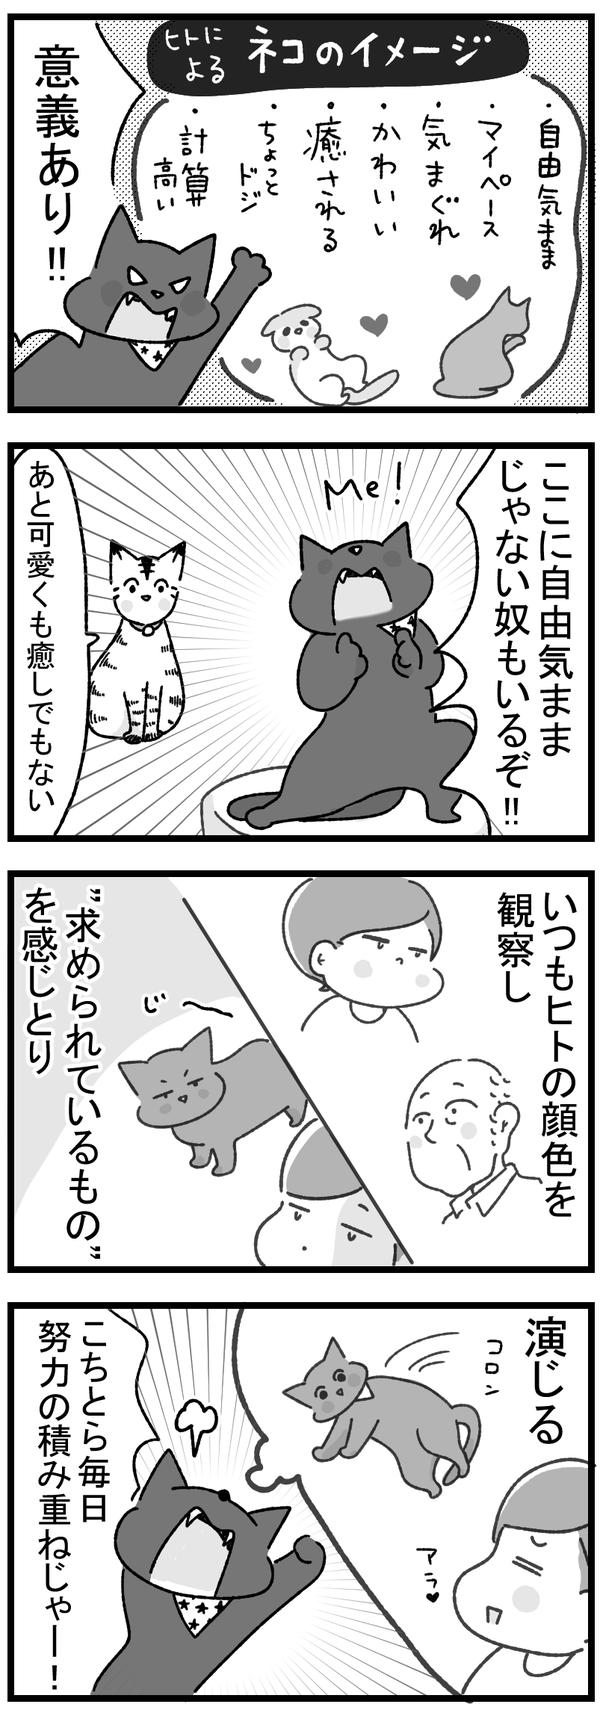 ネコのイメージに一言1